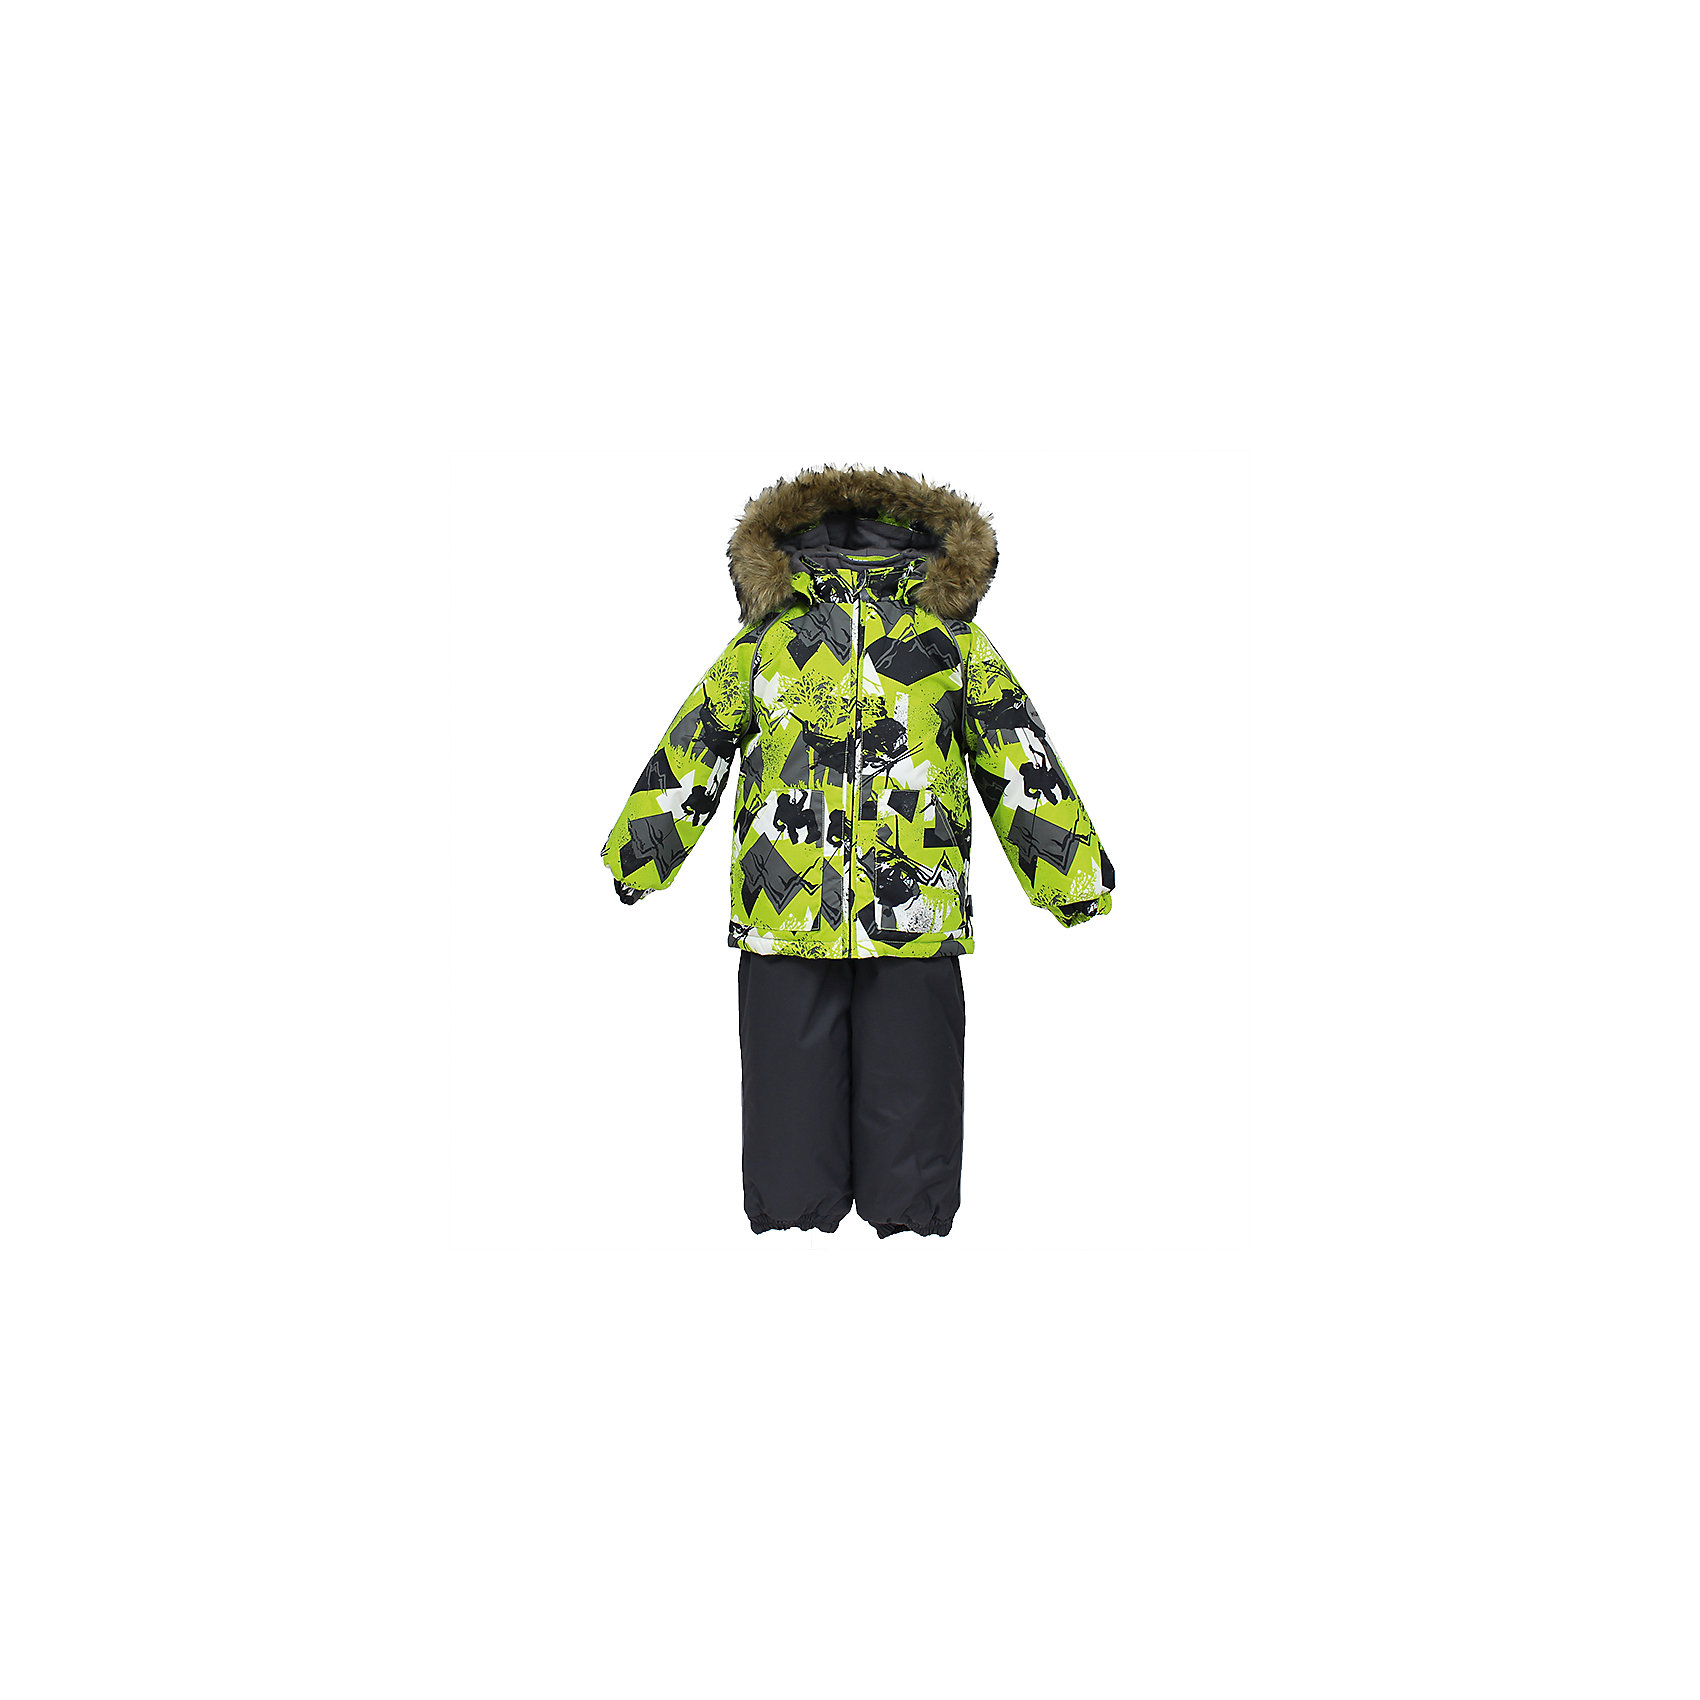 Комплект: куртка и брюки AVERY HuppaВерхняя одежда<br>Комплект для малышей  AVERY.Водо и воздухонепроницаемость 10 000 . Утеплитель 300 гр куртка/160 гр брюки. Подкладка фланель 100% хлопок.Отстегивающийся капюшон с мехом.Манжеты рукавов на резинке. Манжеты брюк на резинке.Добавлены петли для ступней.Резиновые подтяжки.Имеются светоотражательные элементы.<br>Состав:<br>100% Полиэстер<br><br>Ширина мм: 356<br>Глубина мм: 10<br>Высота мм: 245<br>Вес г: 519<br>Цвет: зеленый<br>Возраст от месяцев: 12<br>Возраст до месяцев: 15<br>Пол: Унисекс<br>Возраст: Детский<br>Размер: 80,104,86,92,98<br>SKU: 7026994